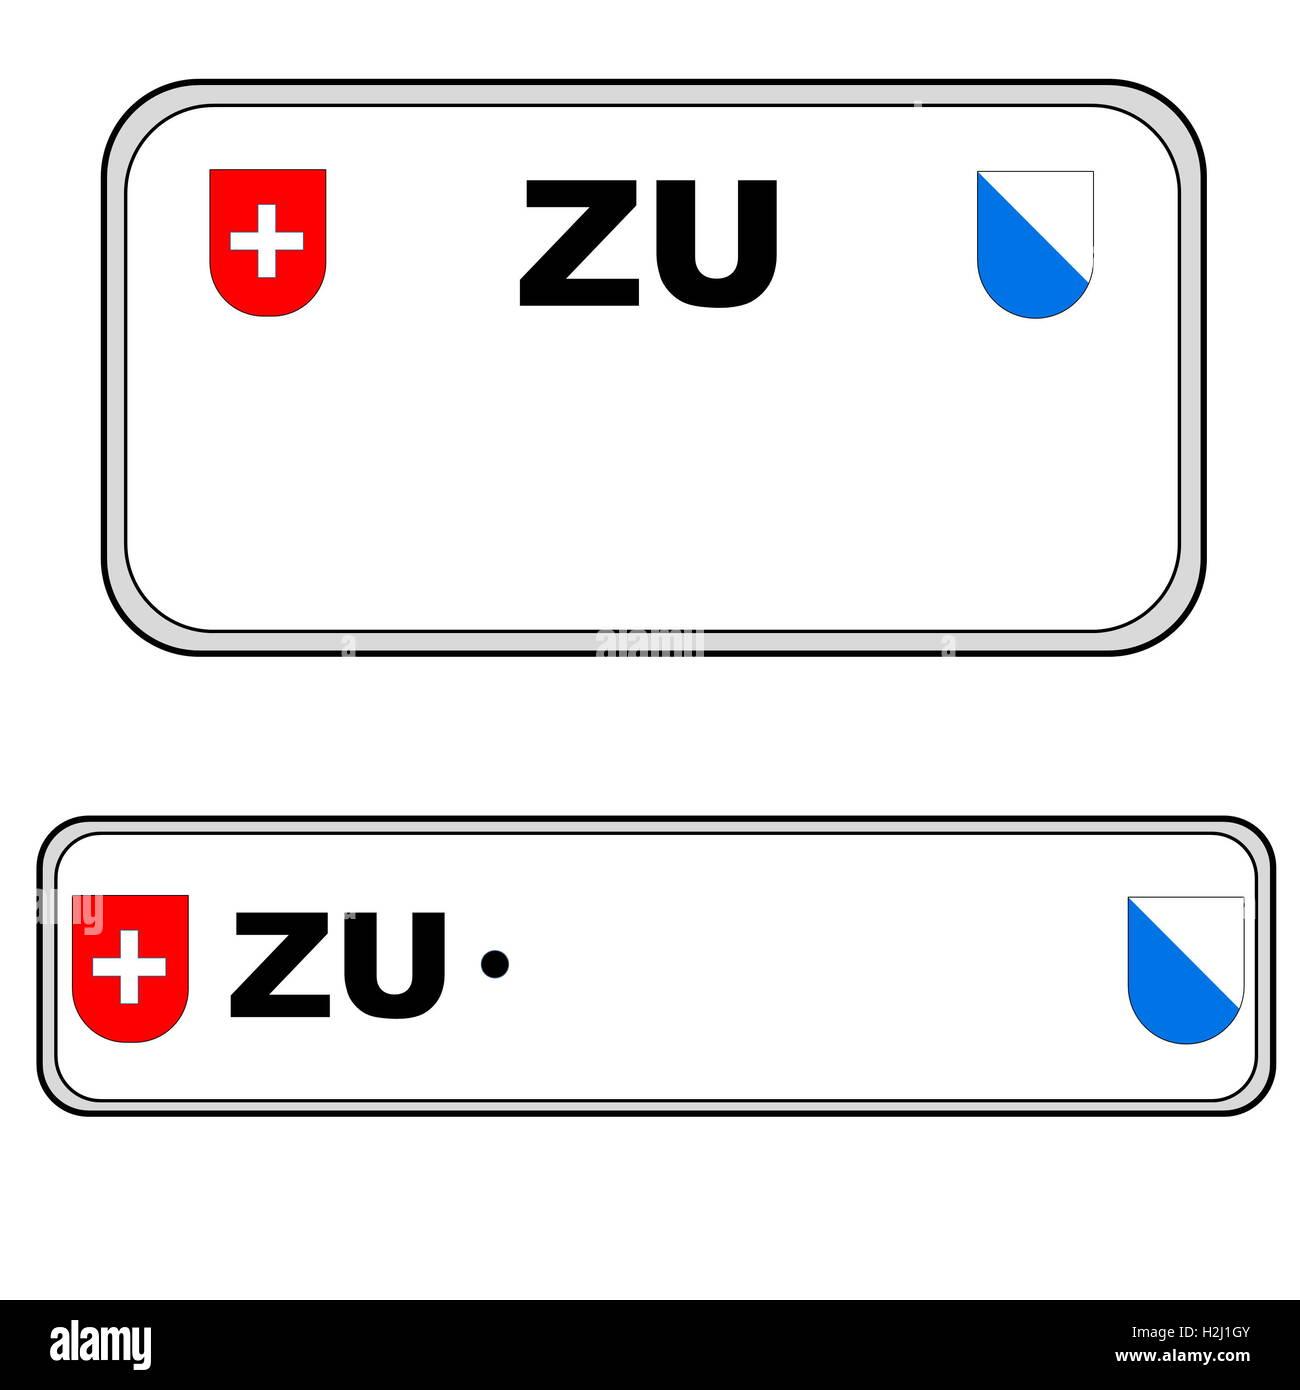 Zurich plate number, Switzerland - Stock Image